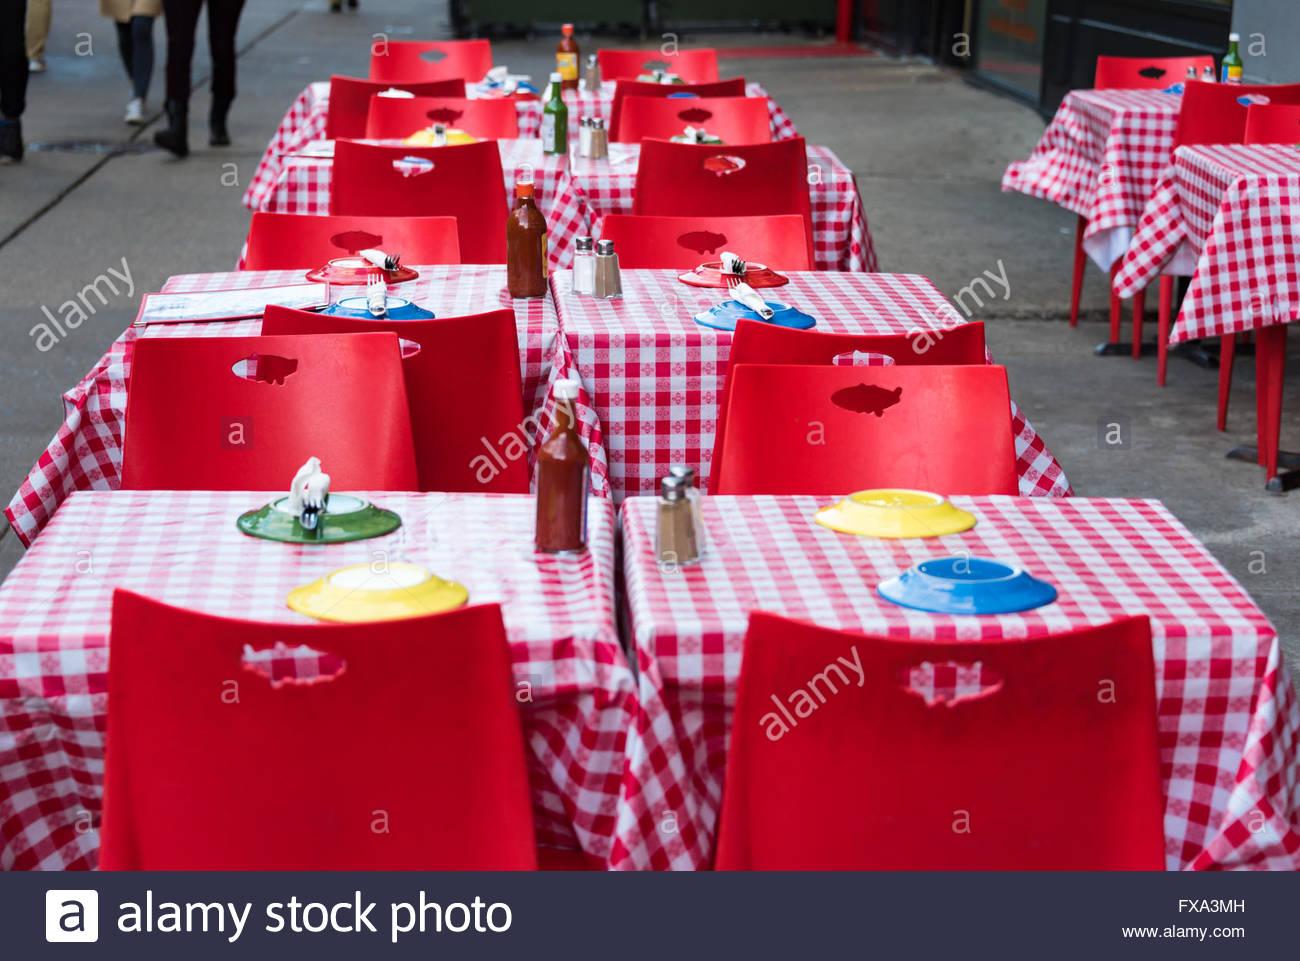 Im freien Restaurant mit roten und weißen Streifen Tisch Tuch und rote Stühle. Stockbild